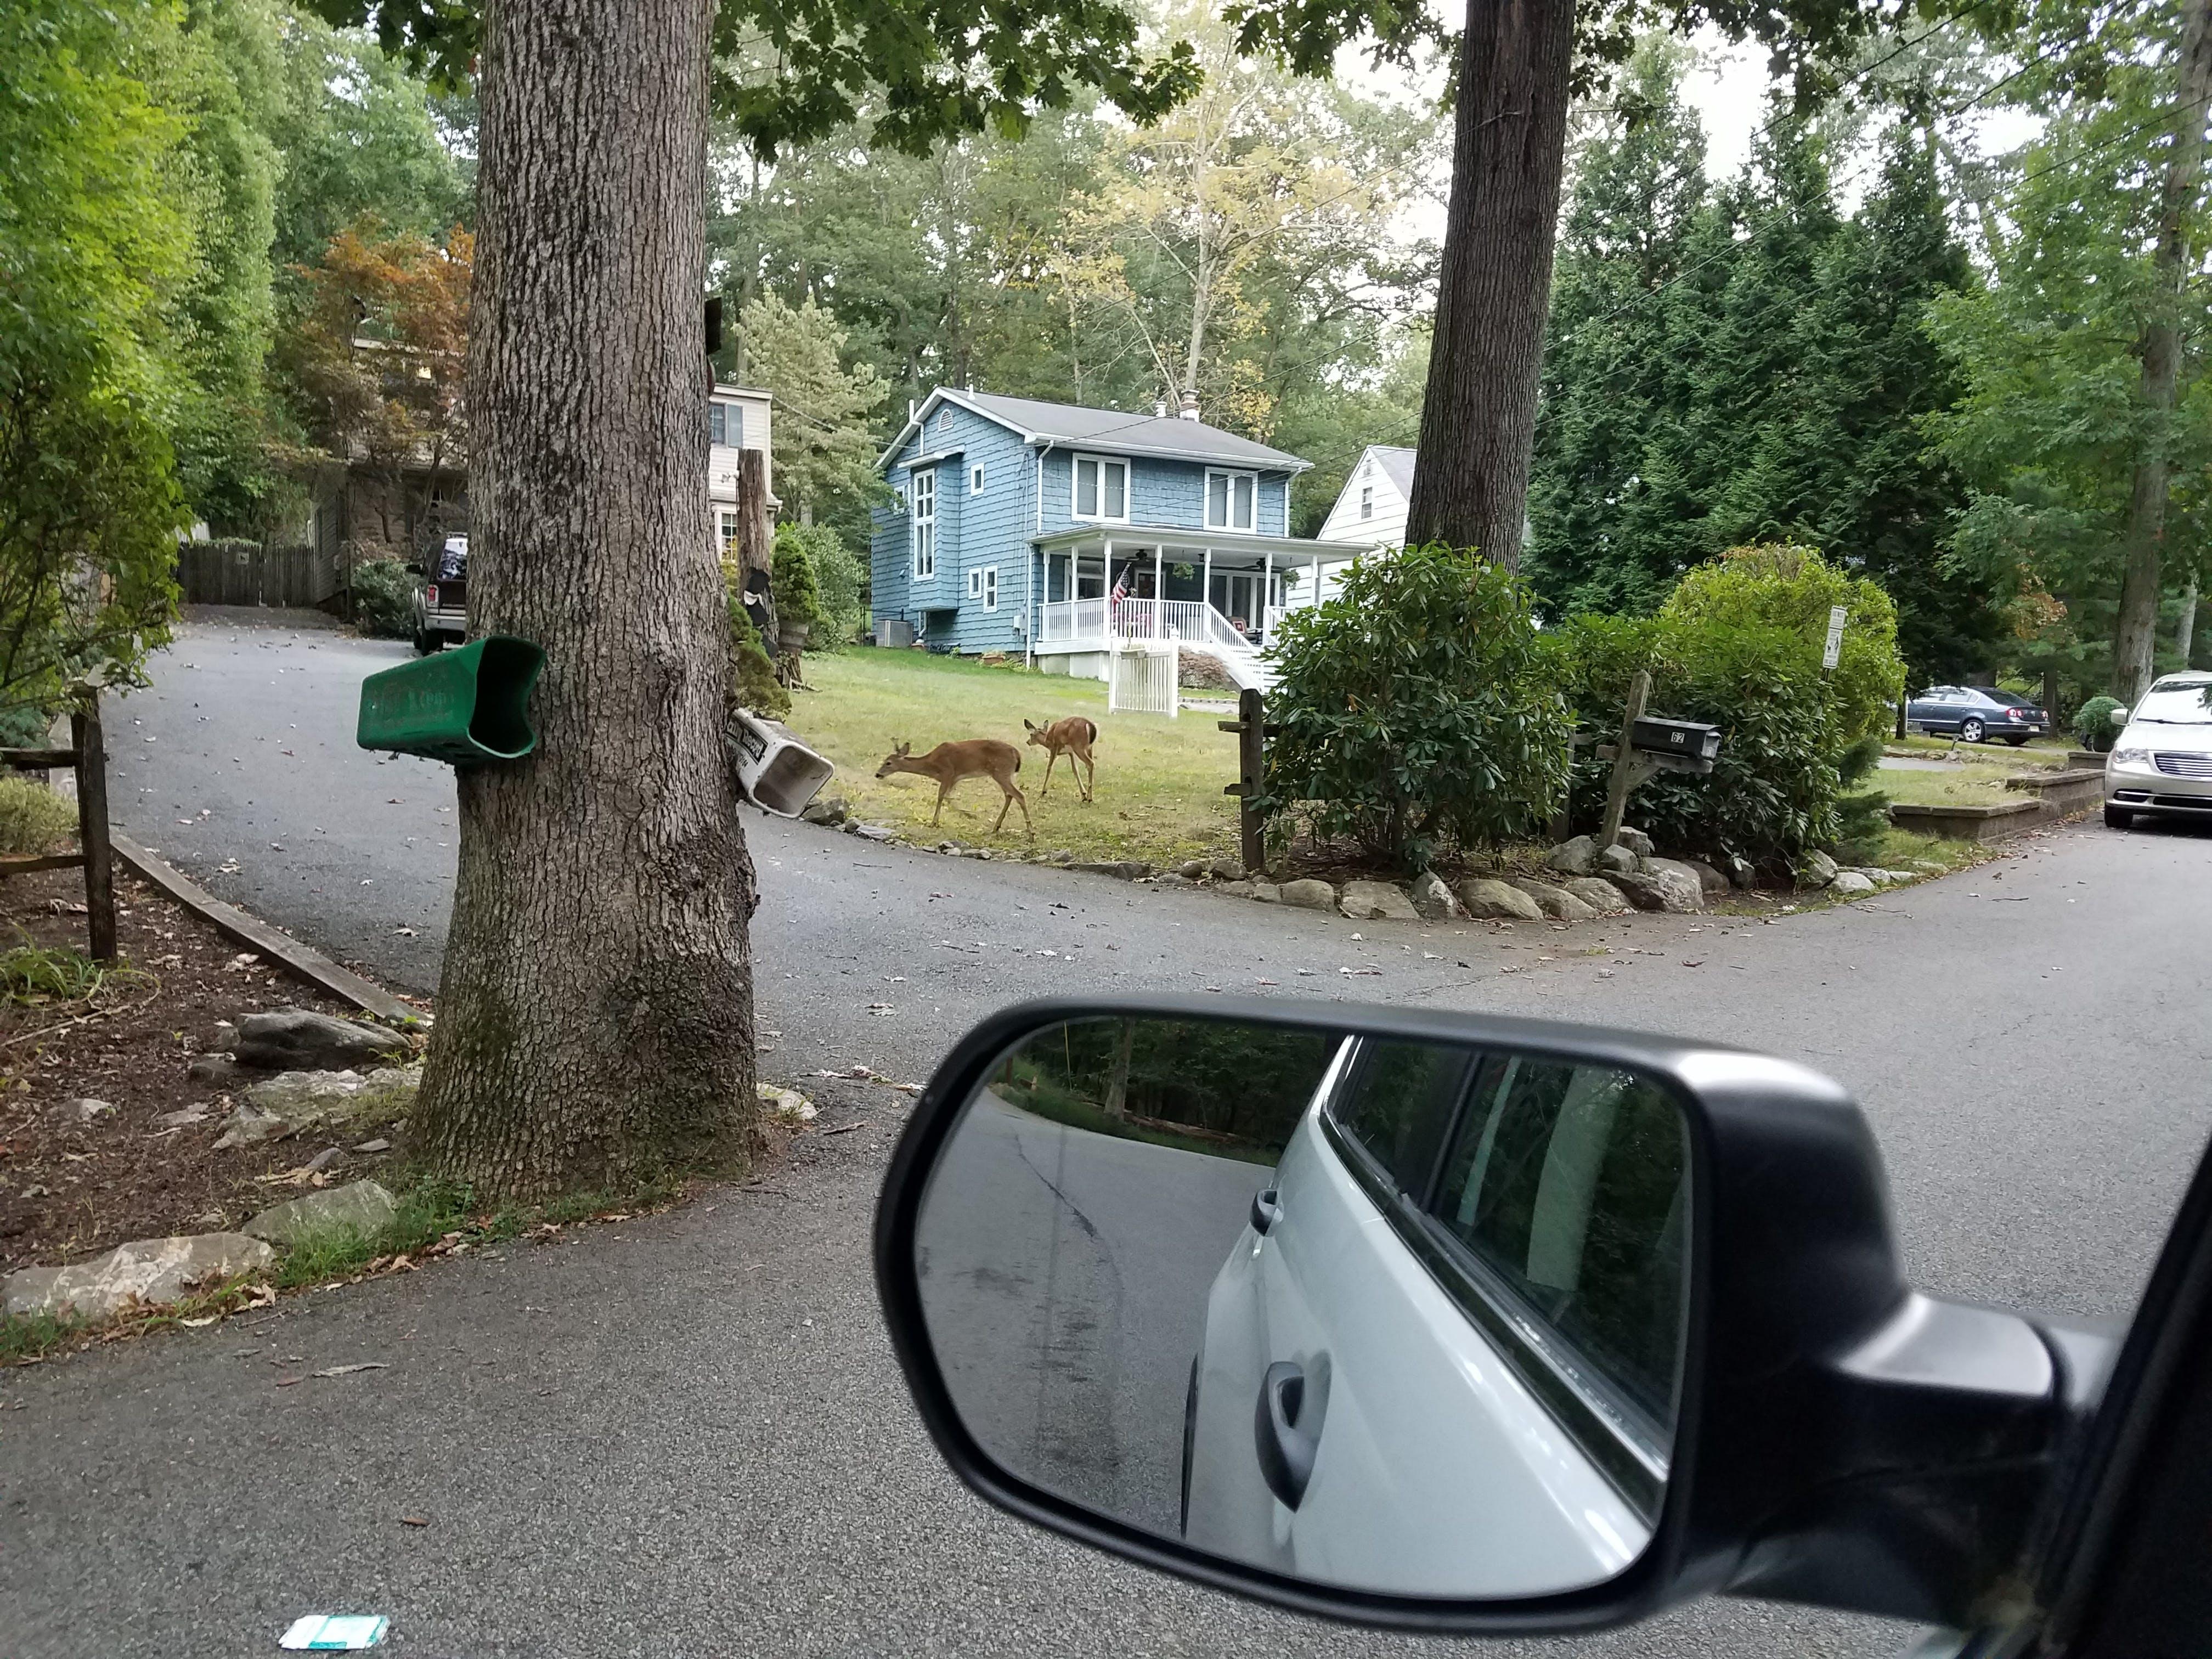 deer casually walking in nj neighborhood